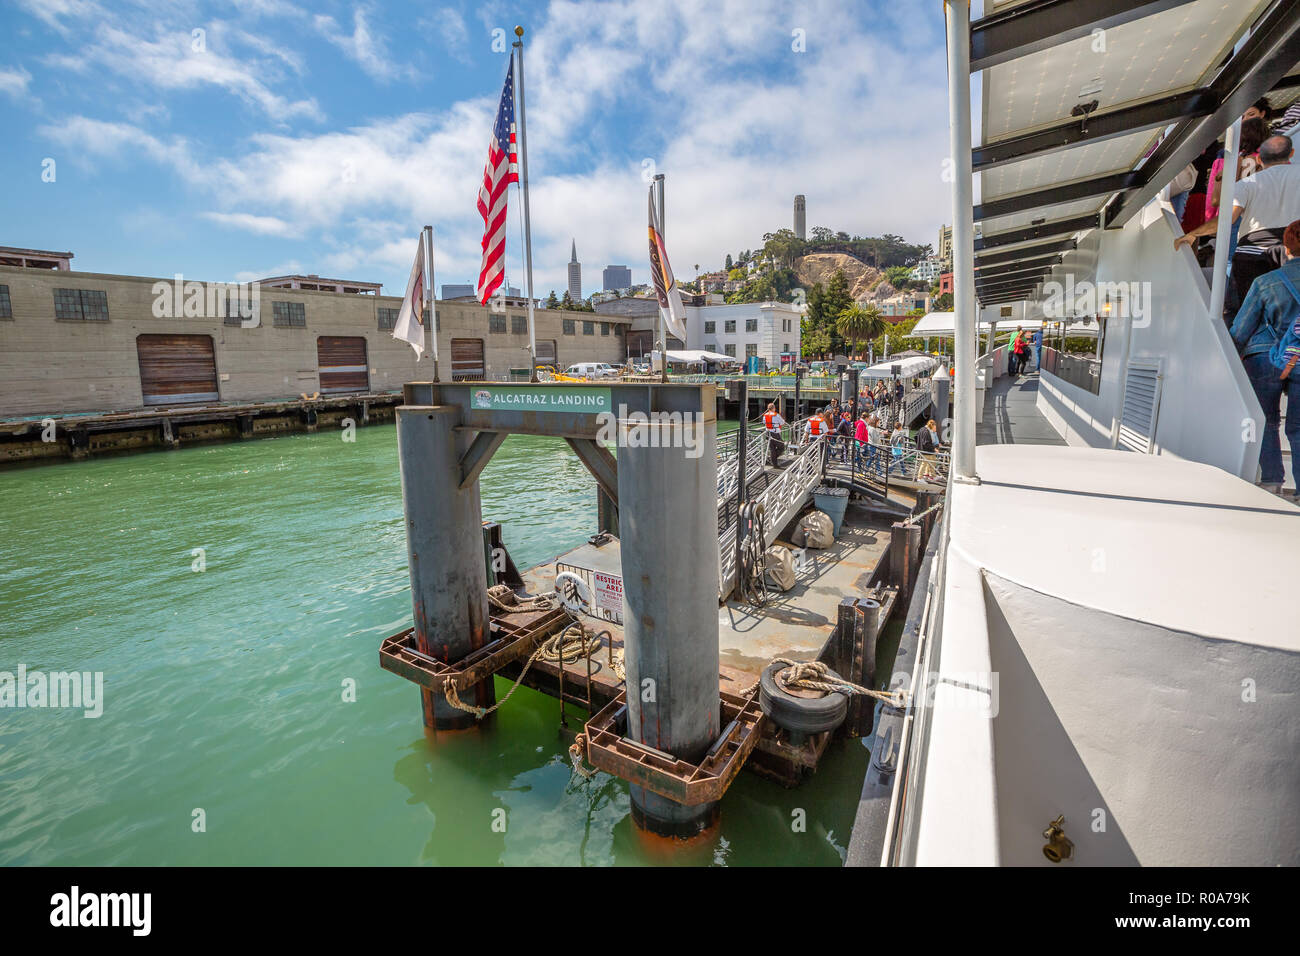 San Francisco, California, Stati Uniti - Agosto 14, 2016: Alcatraz imbarcadero del tour in barca Alcatraz Flayer all isola di Alcatraz a San Francisco Bay Immagini Stock